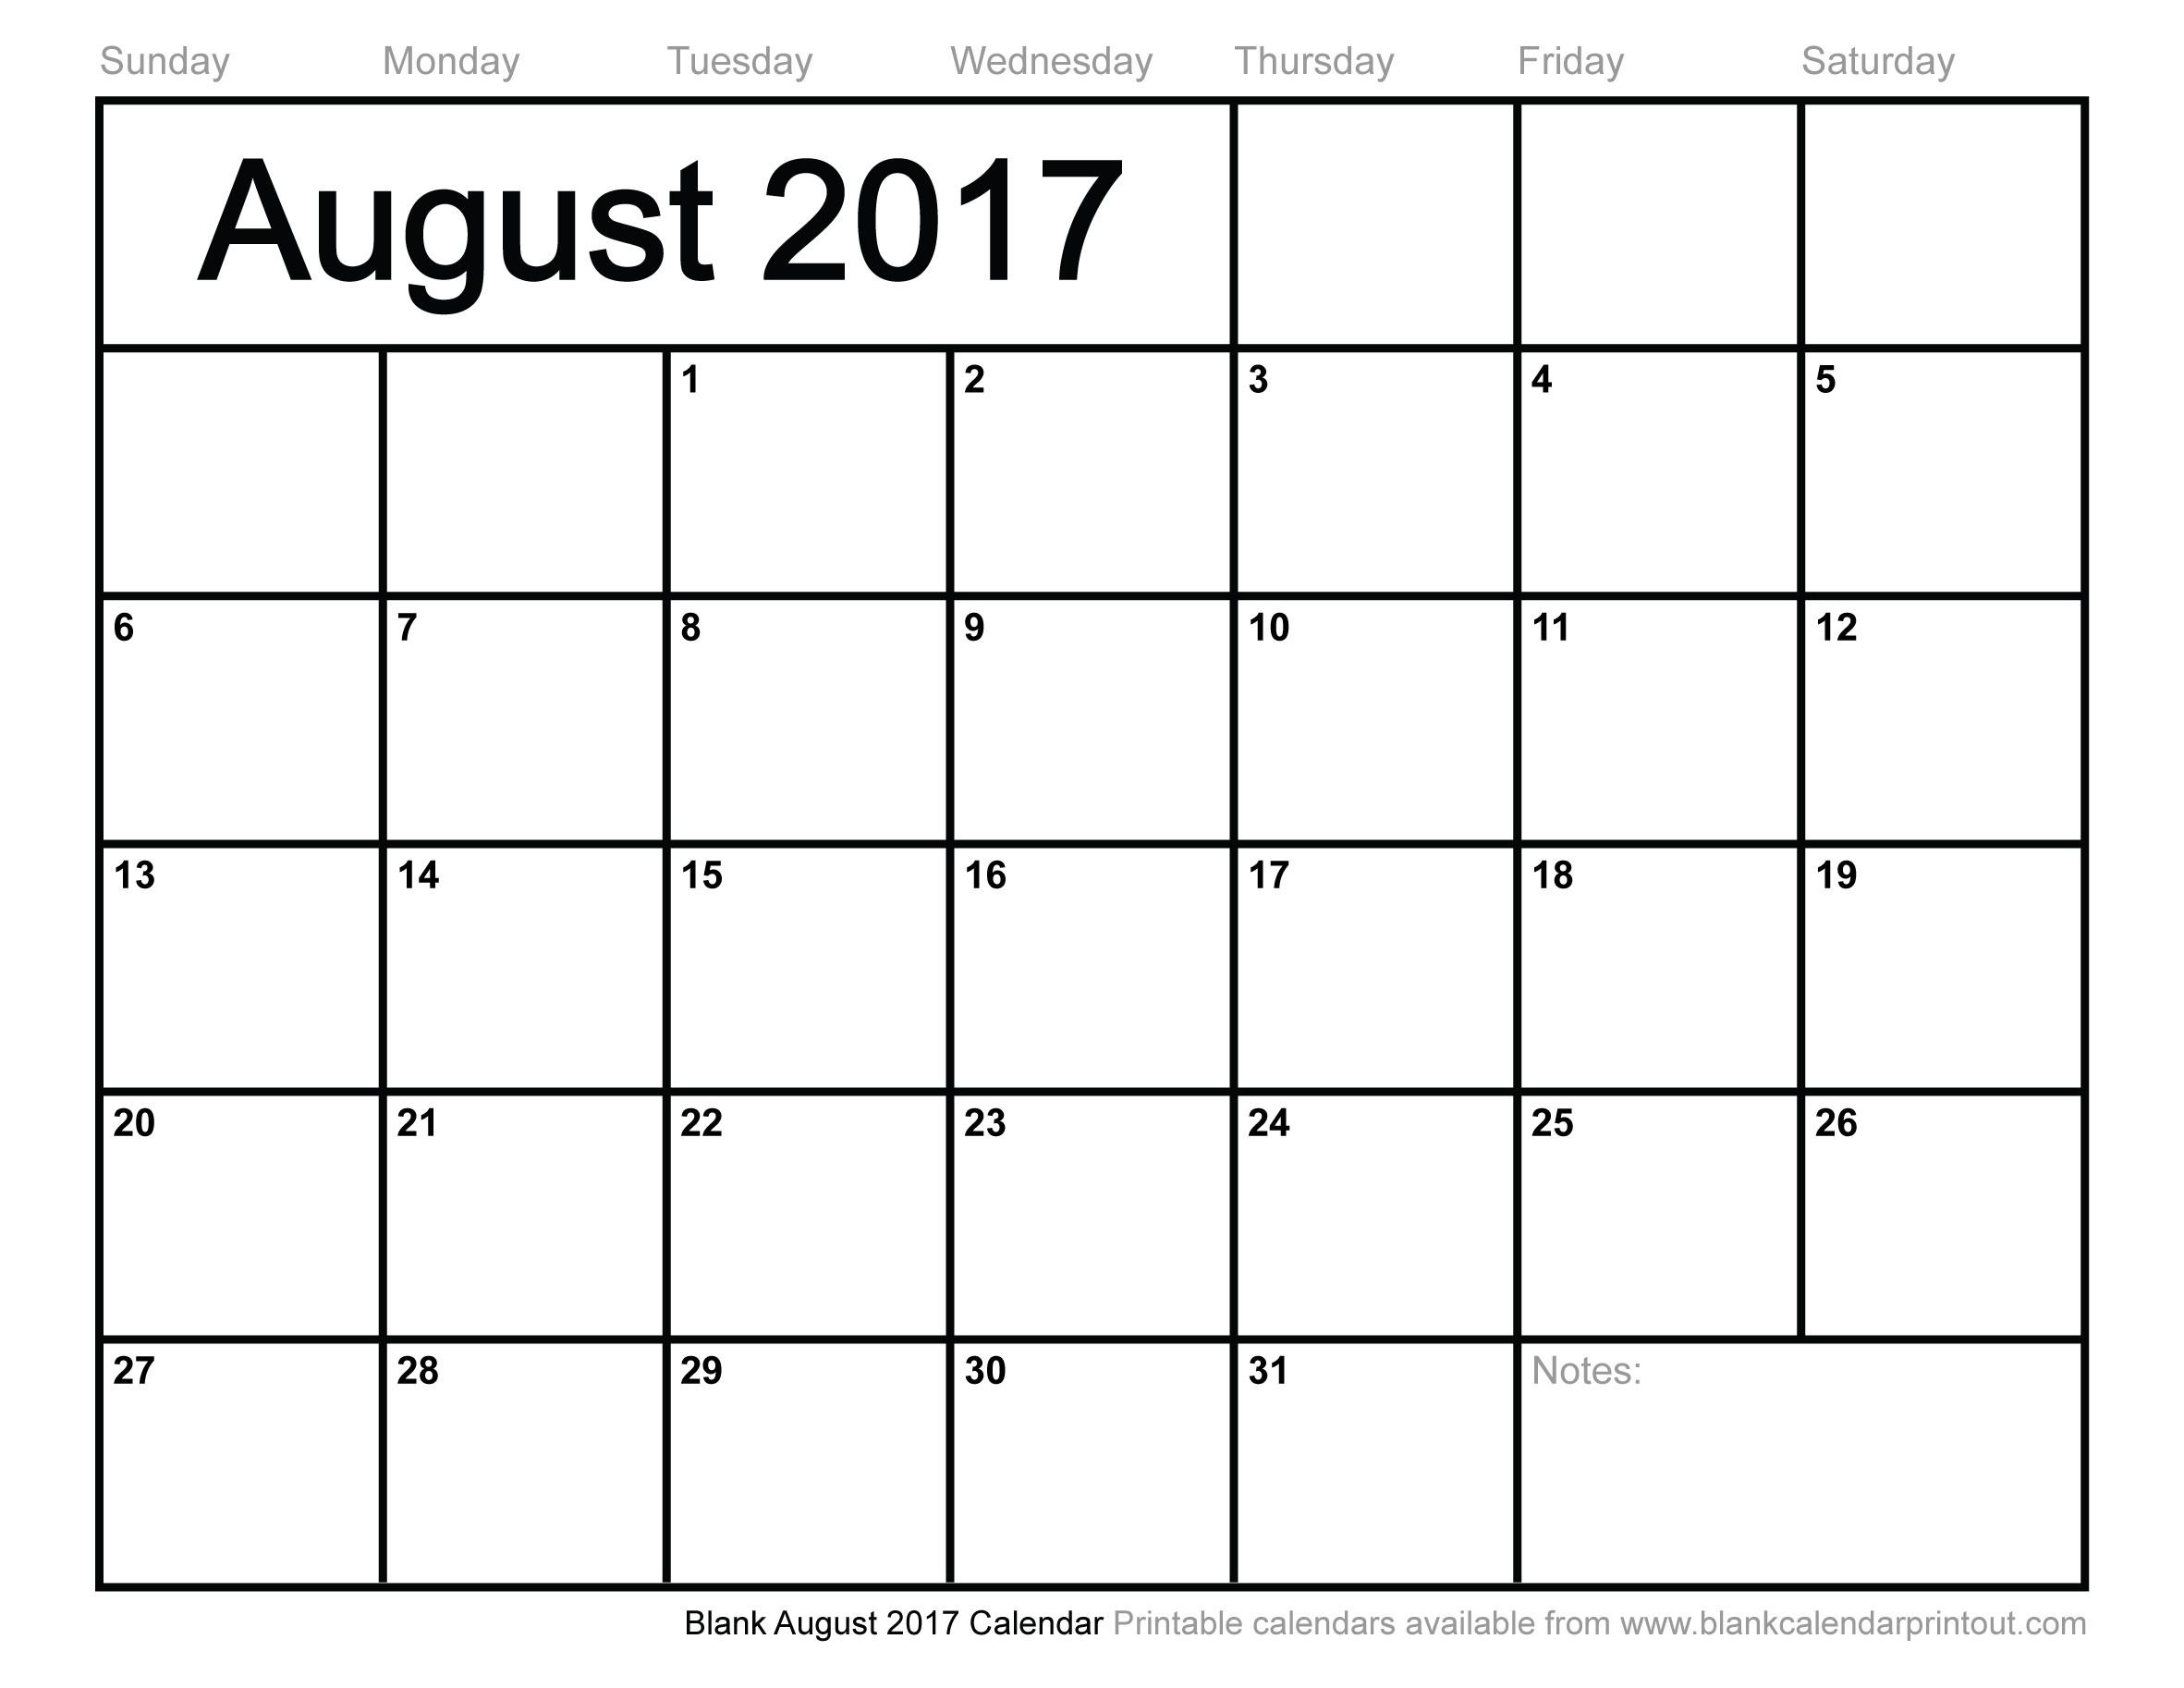 Calendario Imprimir Vertex42 Más Caliente